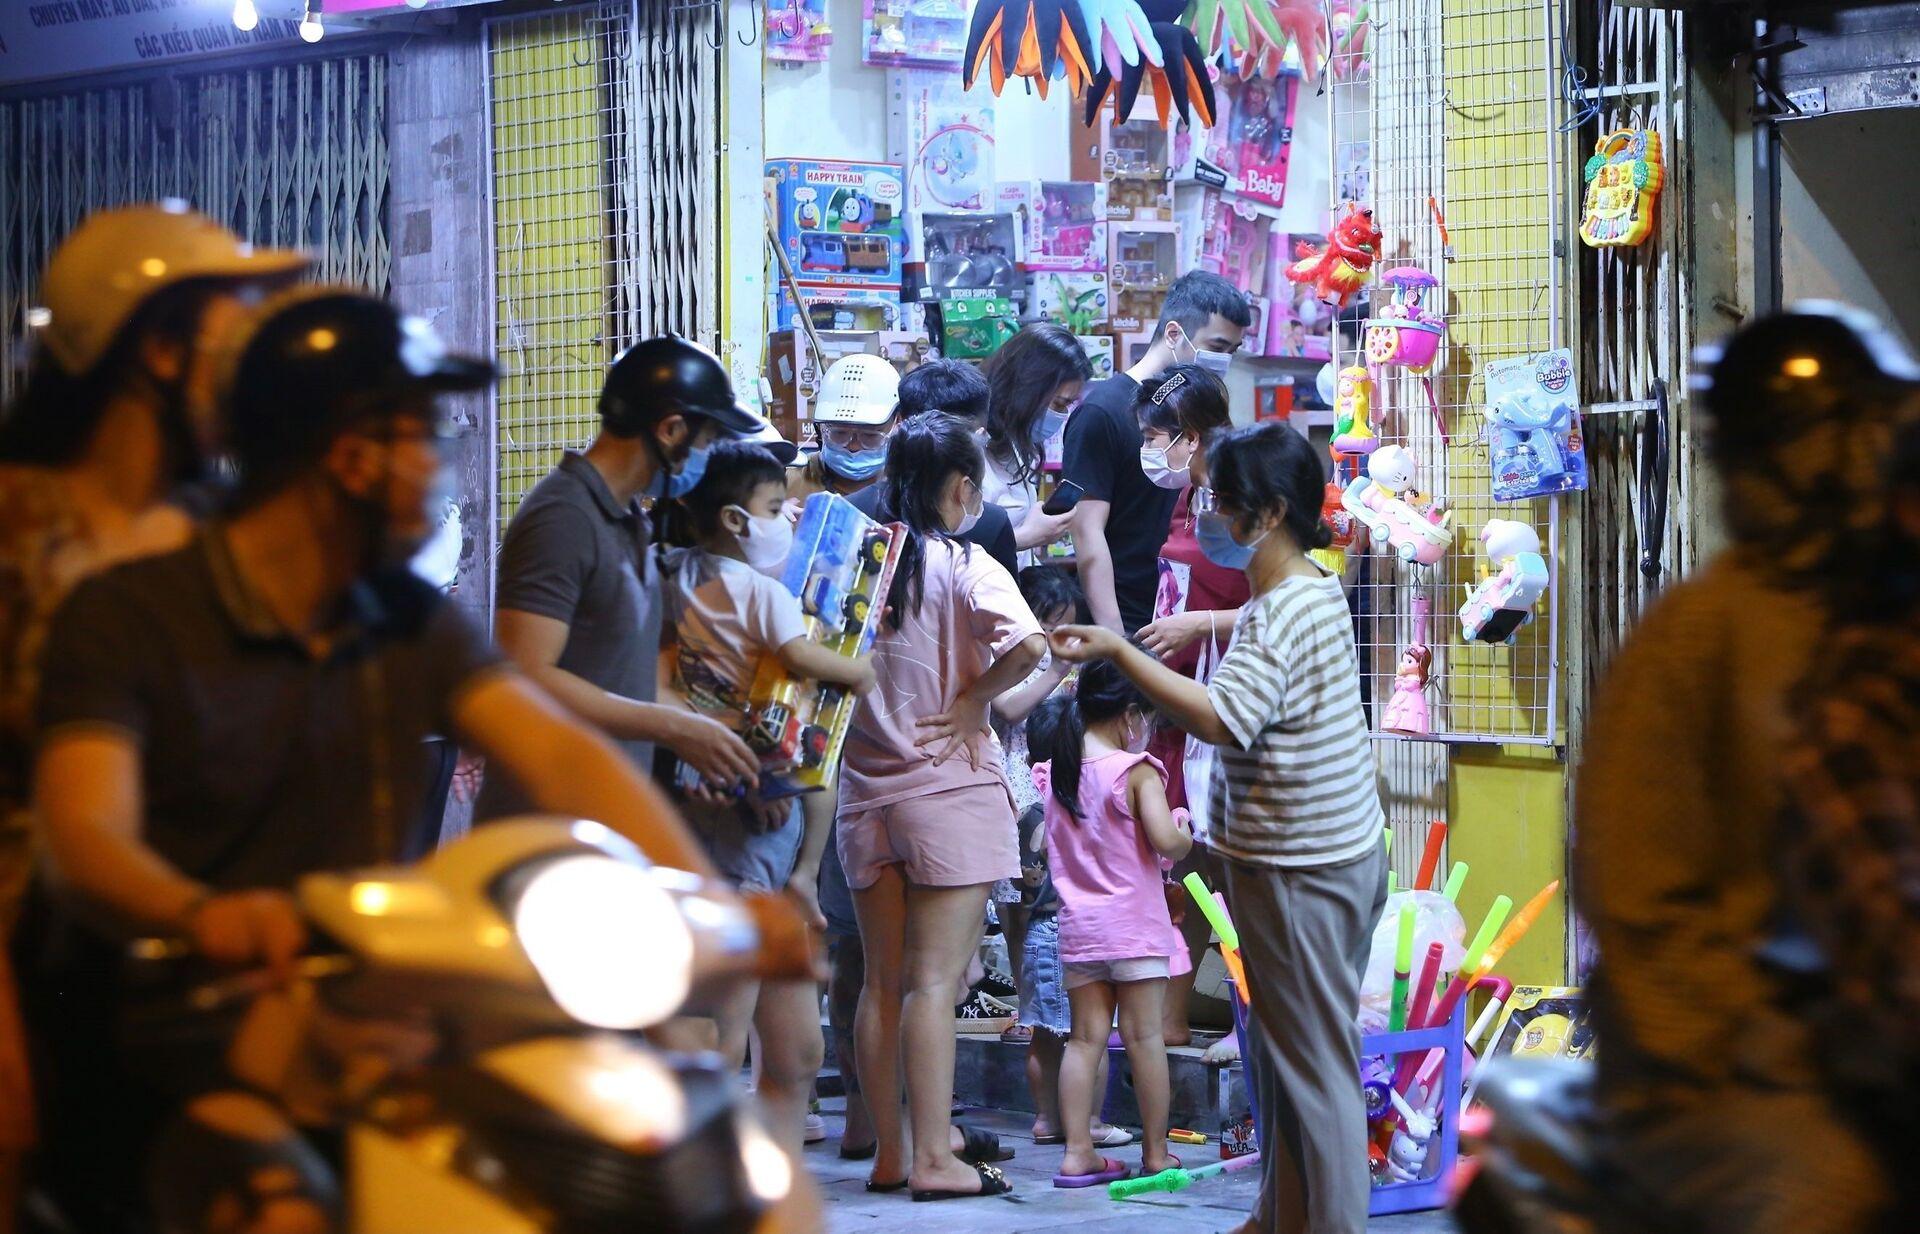 Lúc 22h35, người dân tập trung đông, không giữ khoảng cách an toàn phòng dịch tại một cửa hàng bán đồ Trung thu trên phố Lương Văn Can. - Sputnik Việt Nam, 1920, 05.10.2021